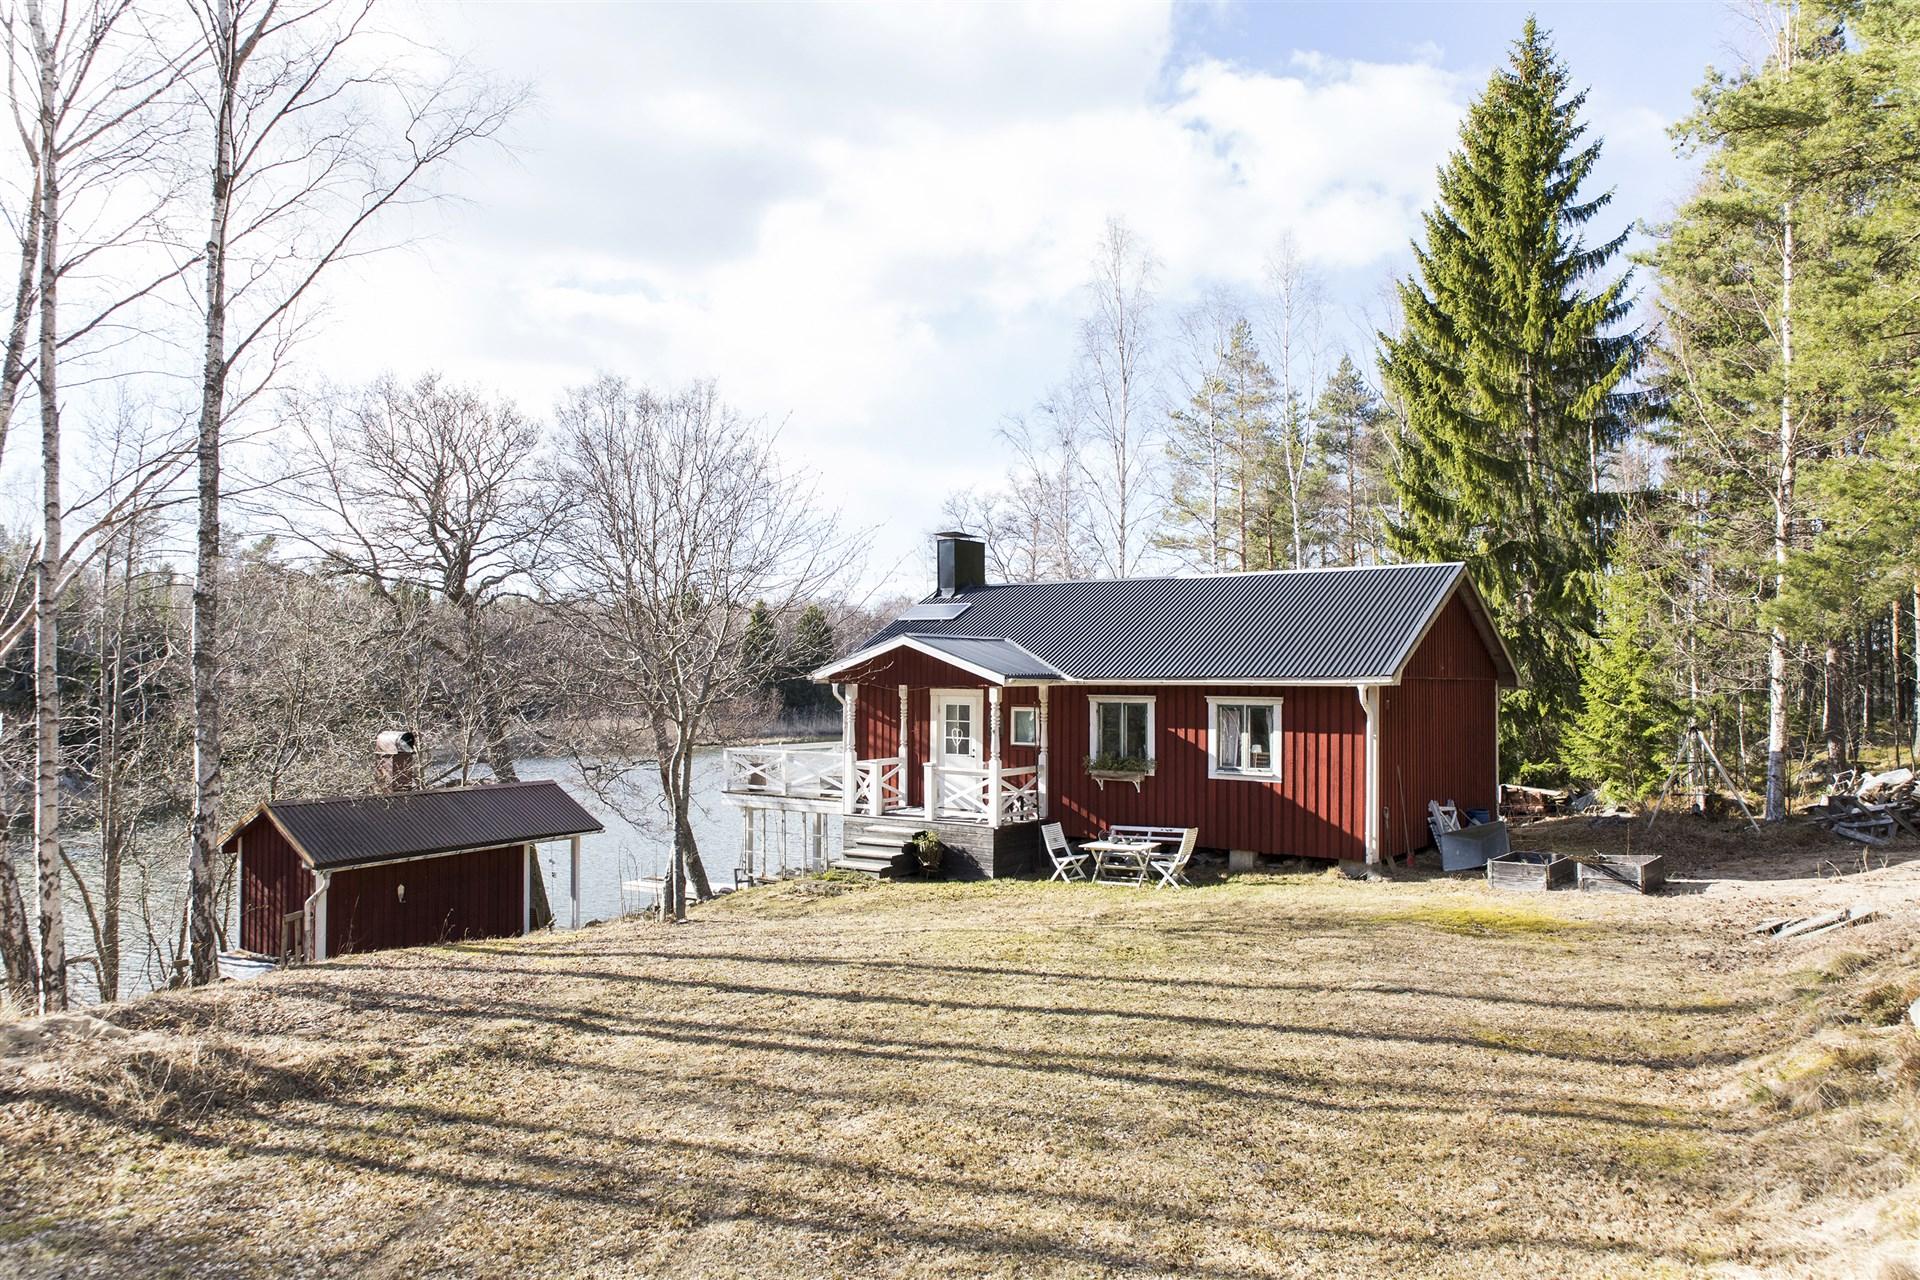 Välkommen till Fäbodviken 1! Här har man sin egna lilla oas alldeles invid strandkanten.